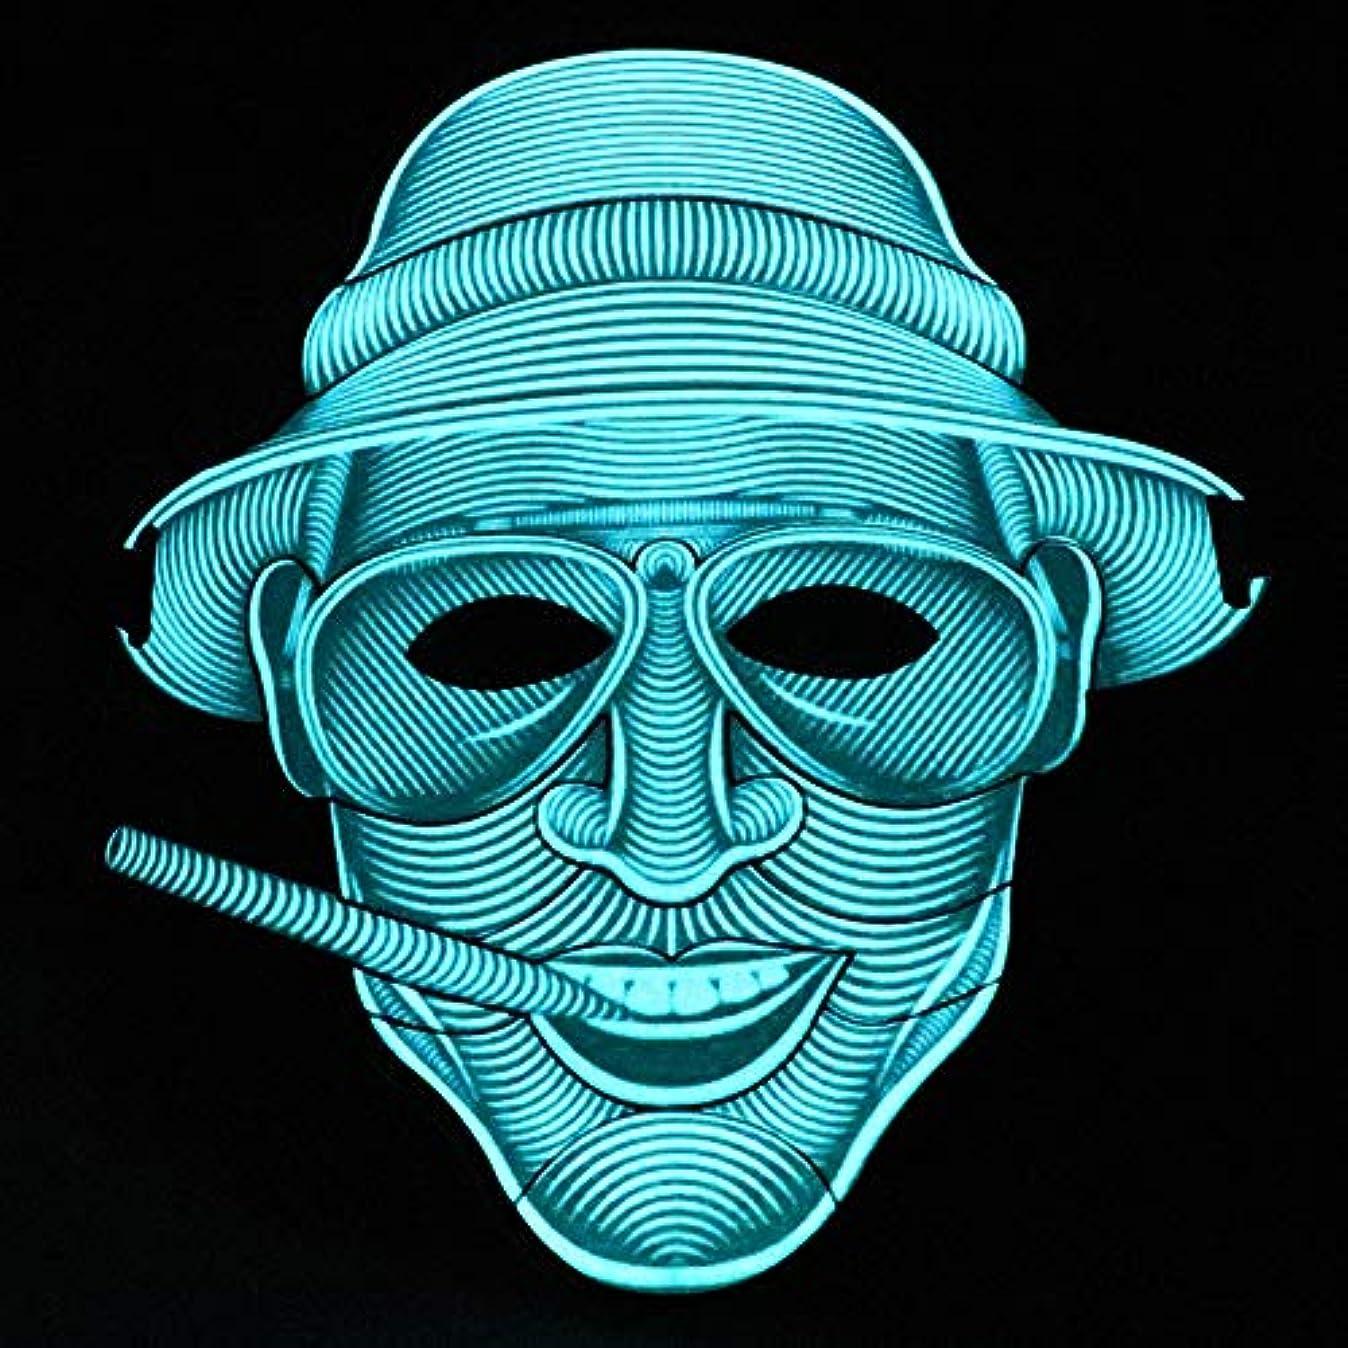 行為蜂皮肉照らされたマスクLED創造的な冷光音響制御マスクハロウィンバーフェスティバルダンスマスク (Color : #17)